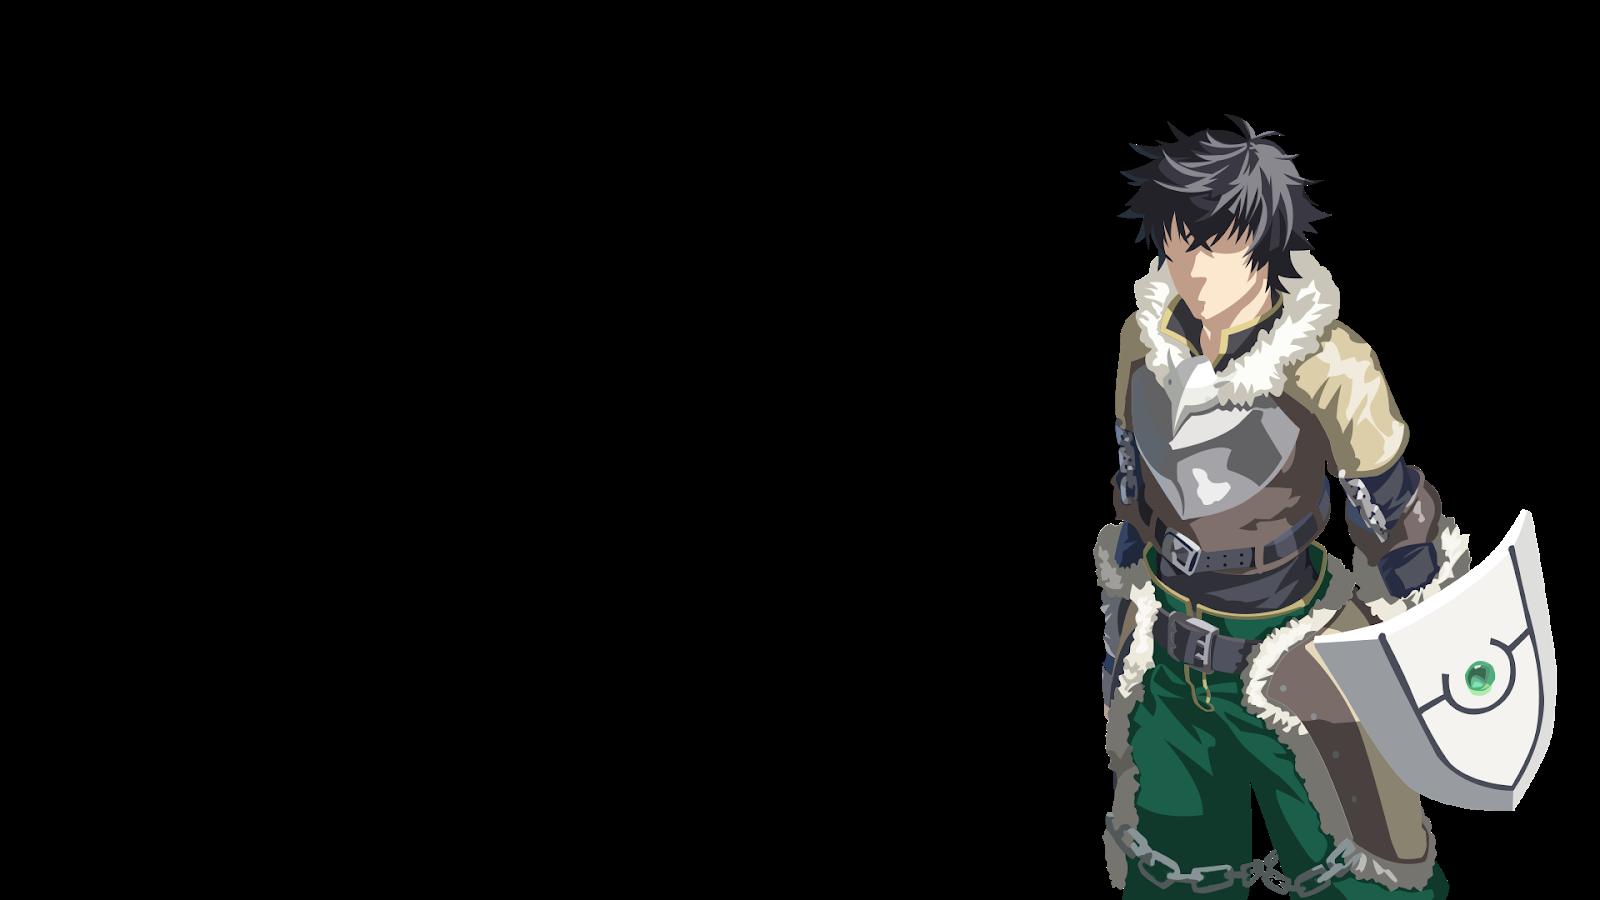 Tate no Yuusha no Nariagari ผู้กล้าโล่ผงาด